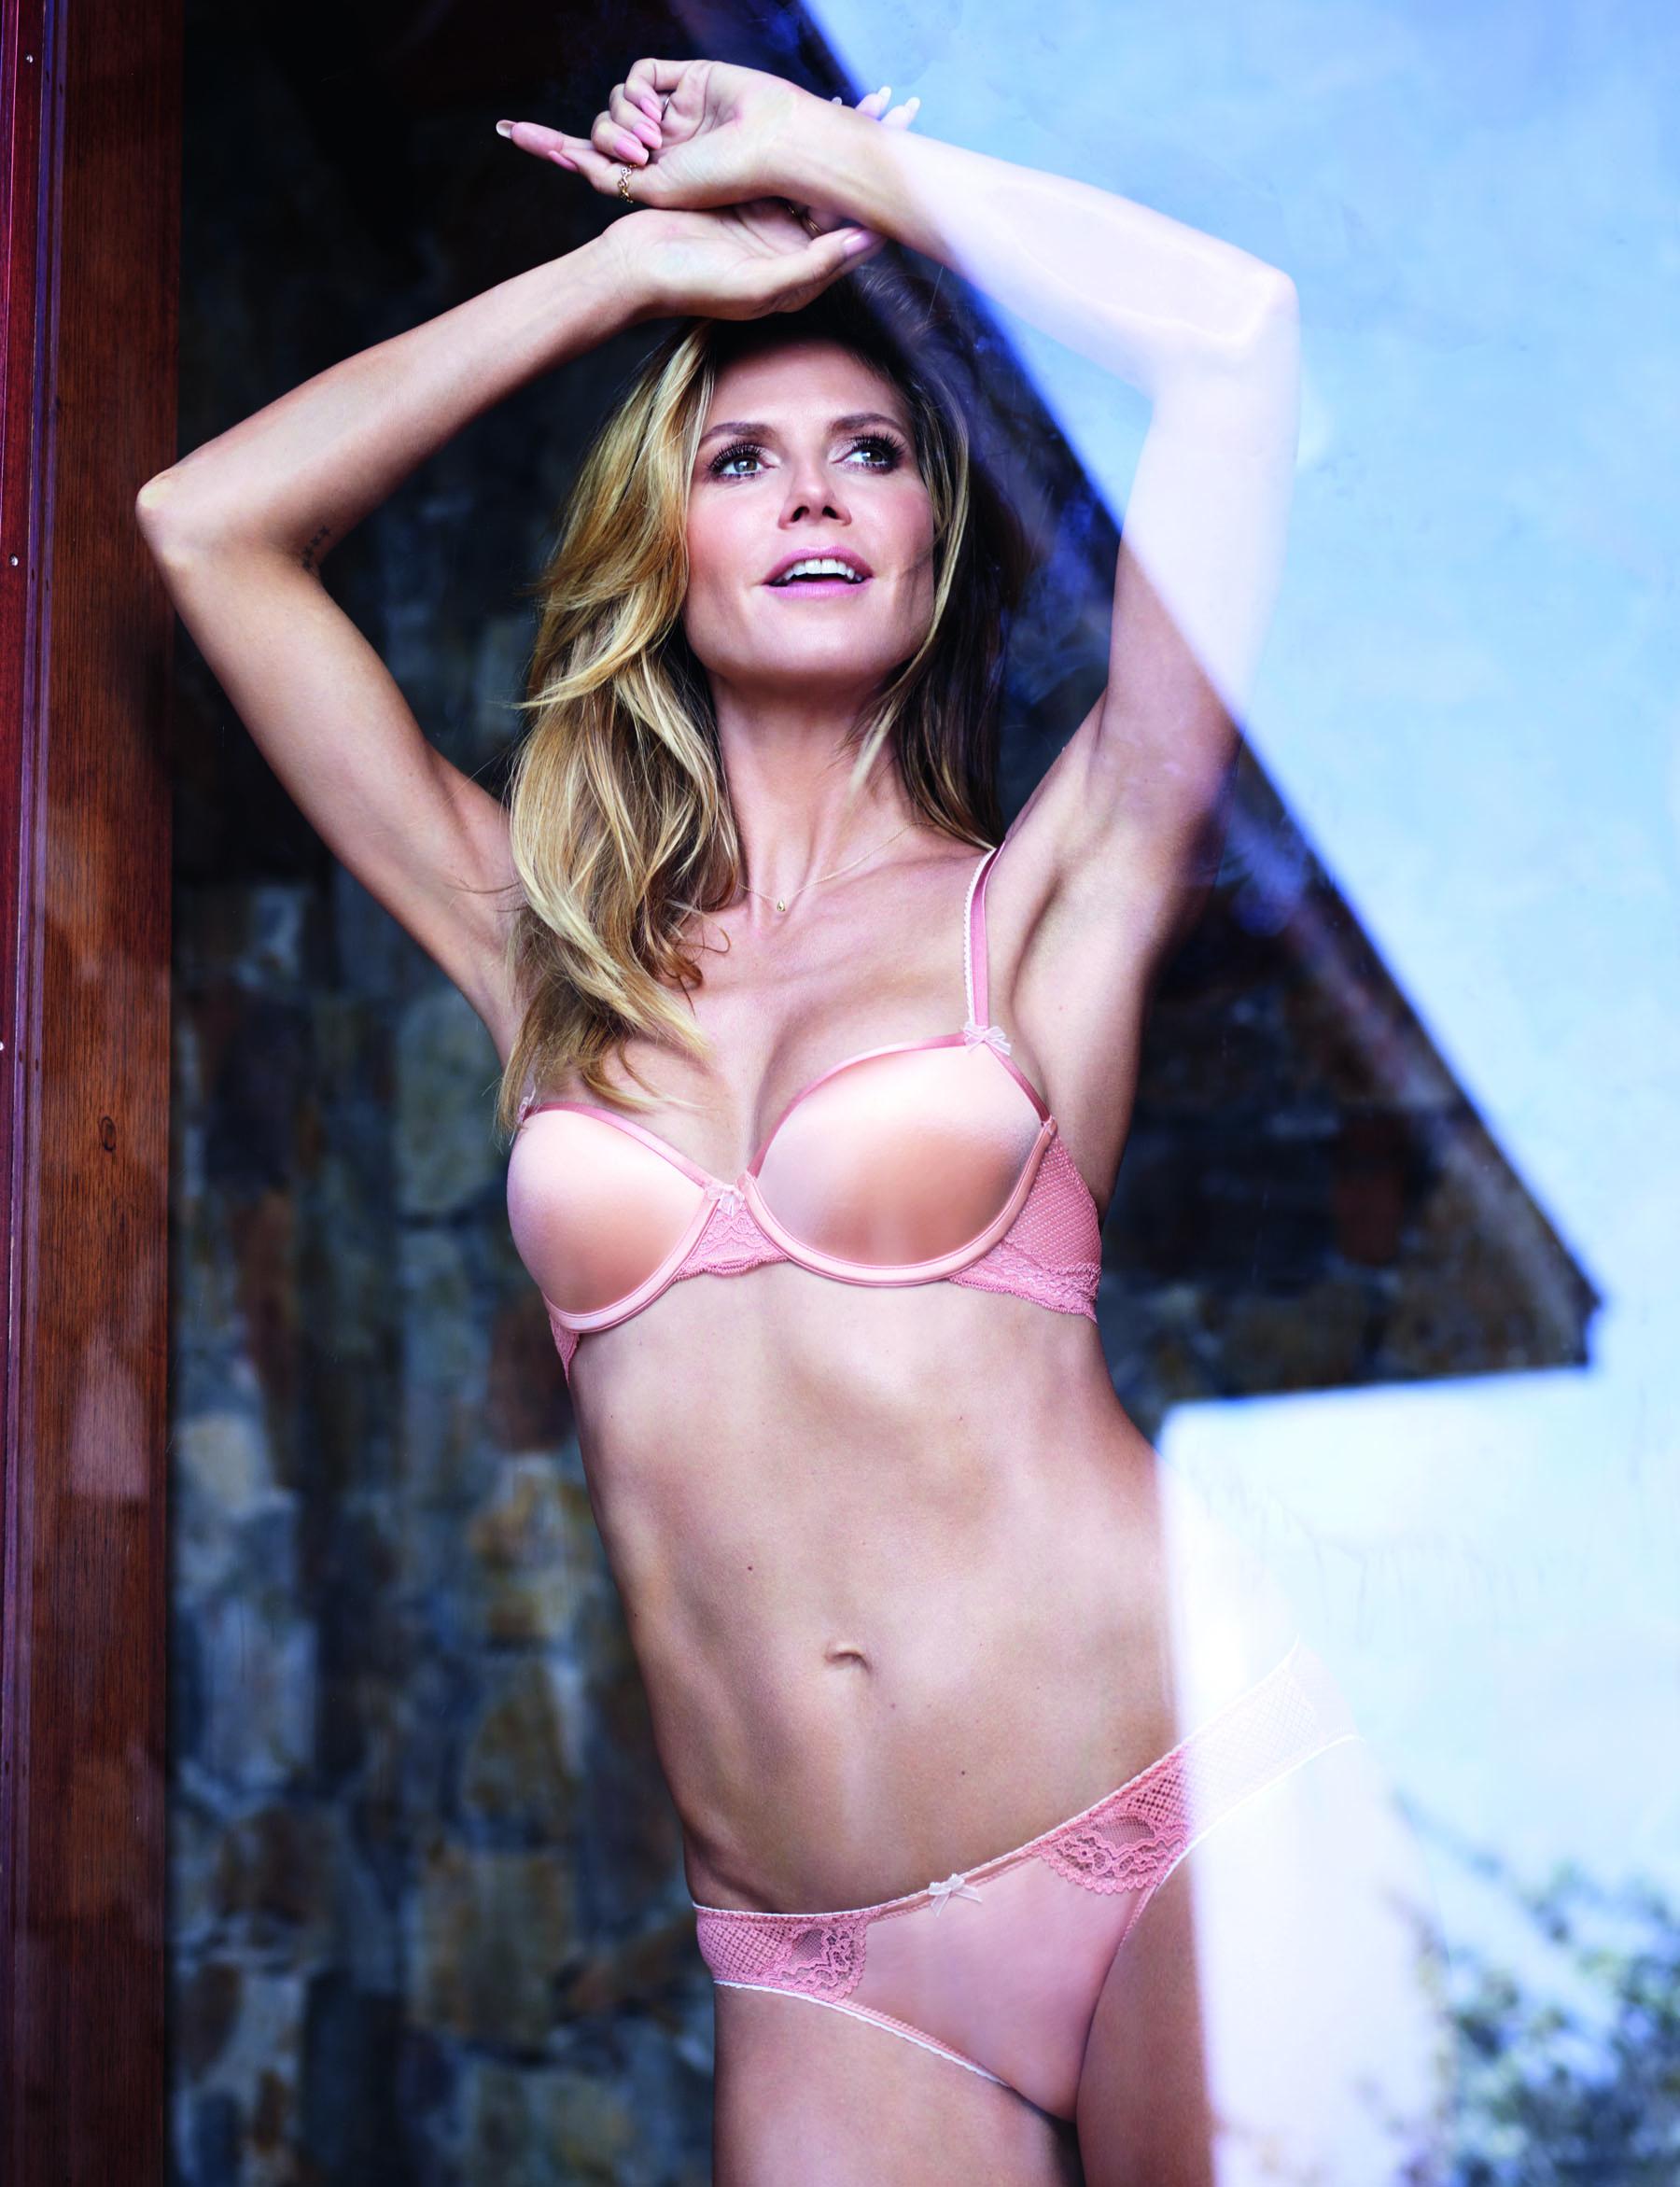 Heidi-Klum-Intimates-spring-2017-ad-campaign-the-impression-03